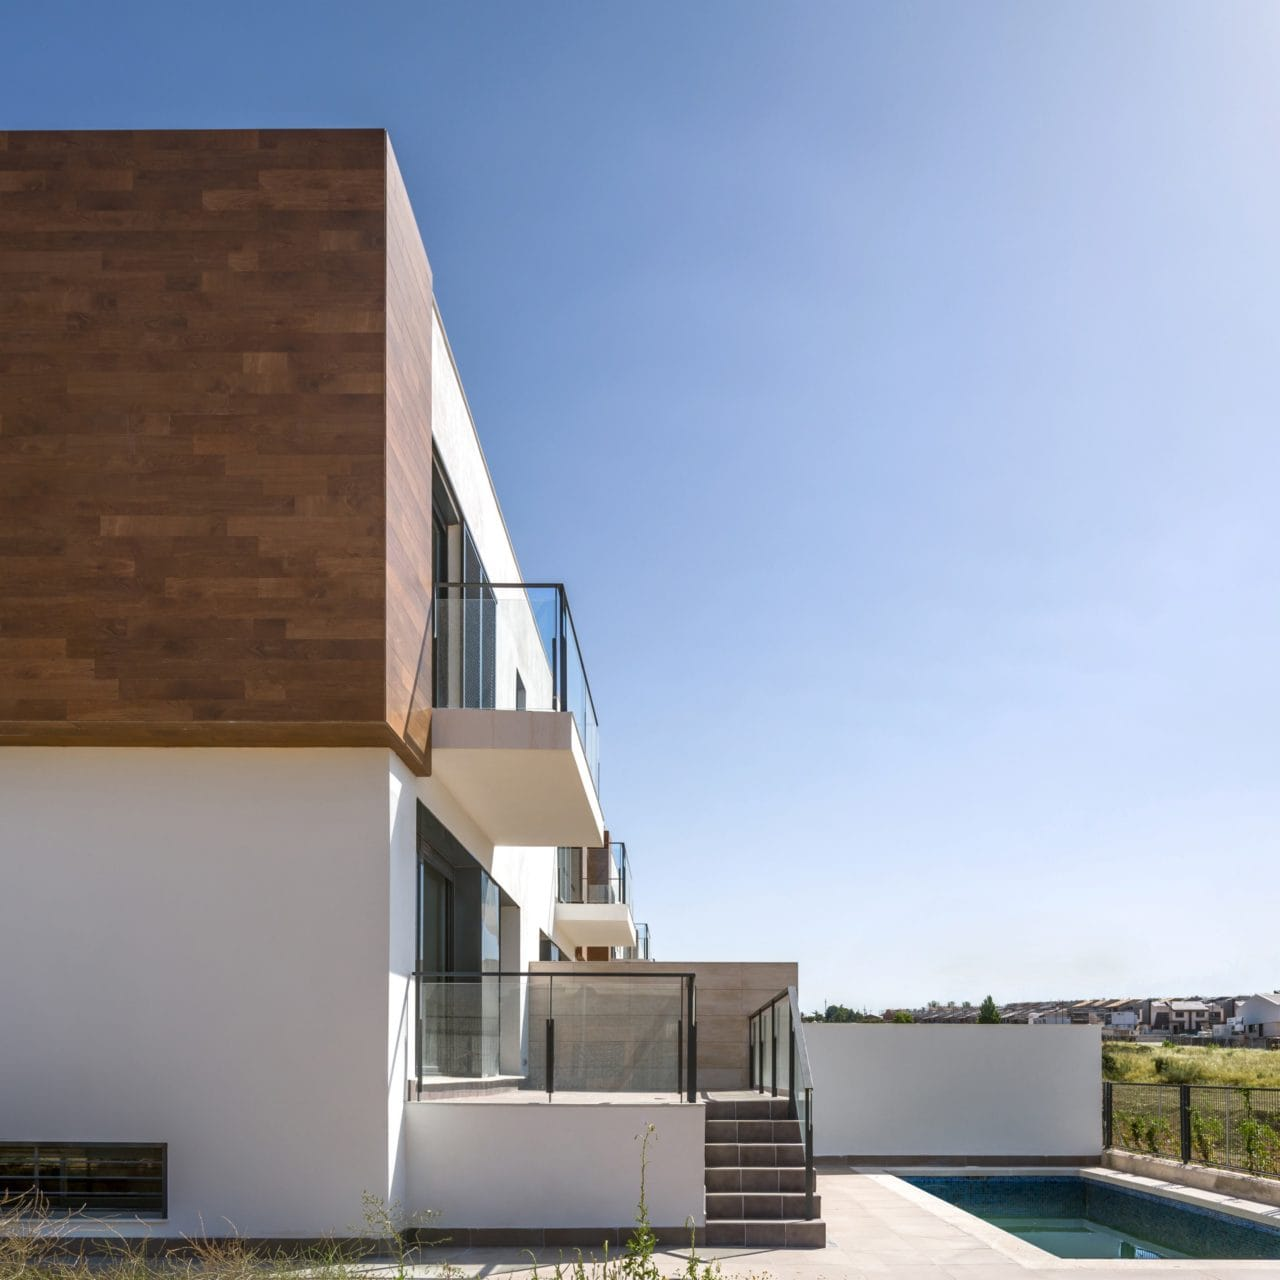 Vista lateral de una de las viviendas, con la terraza y la piscina